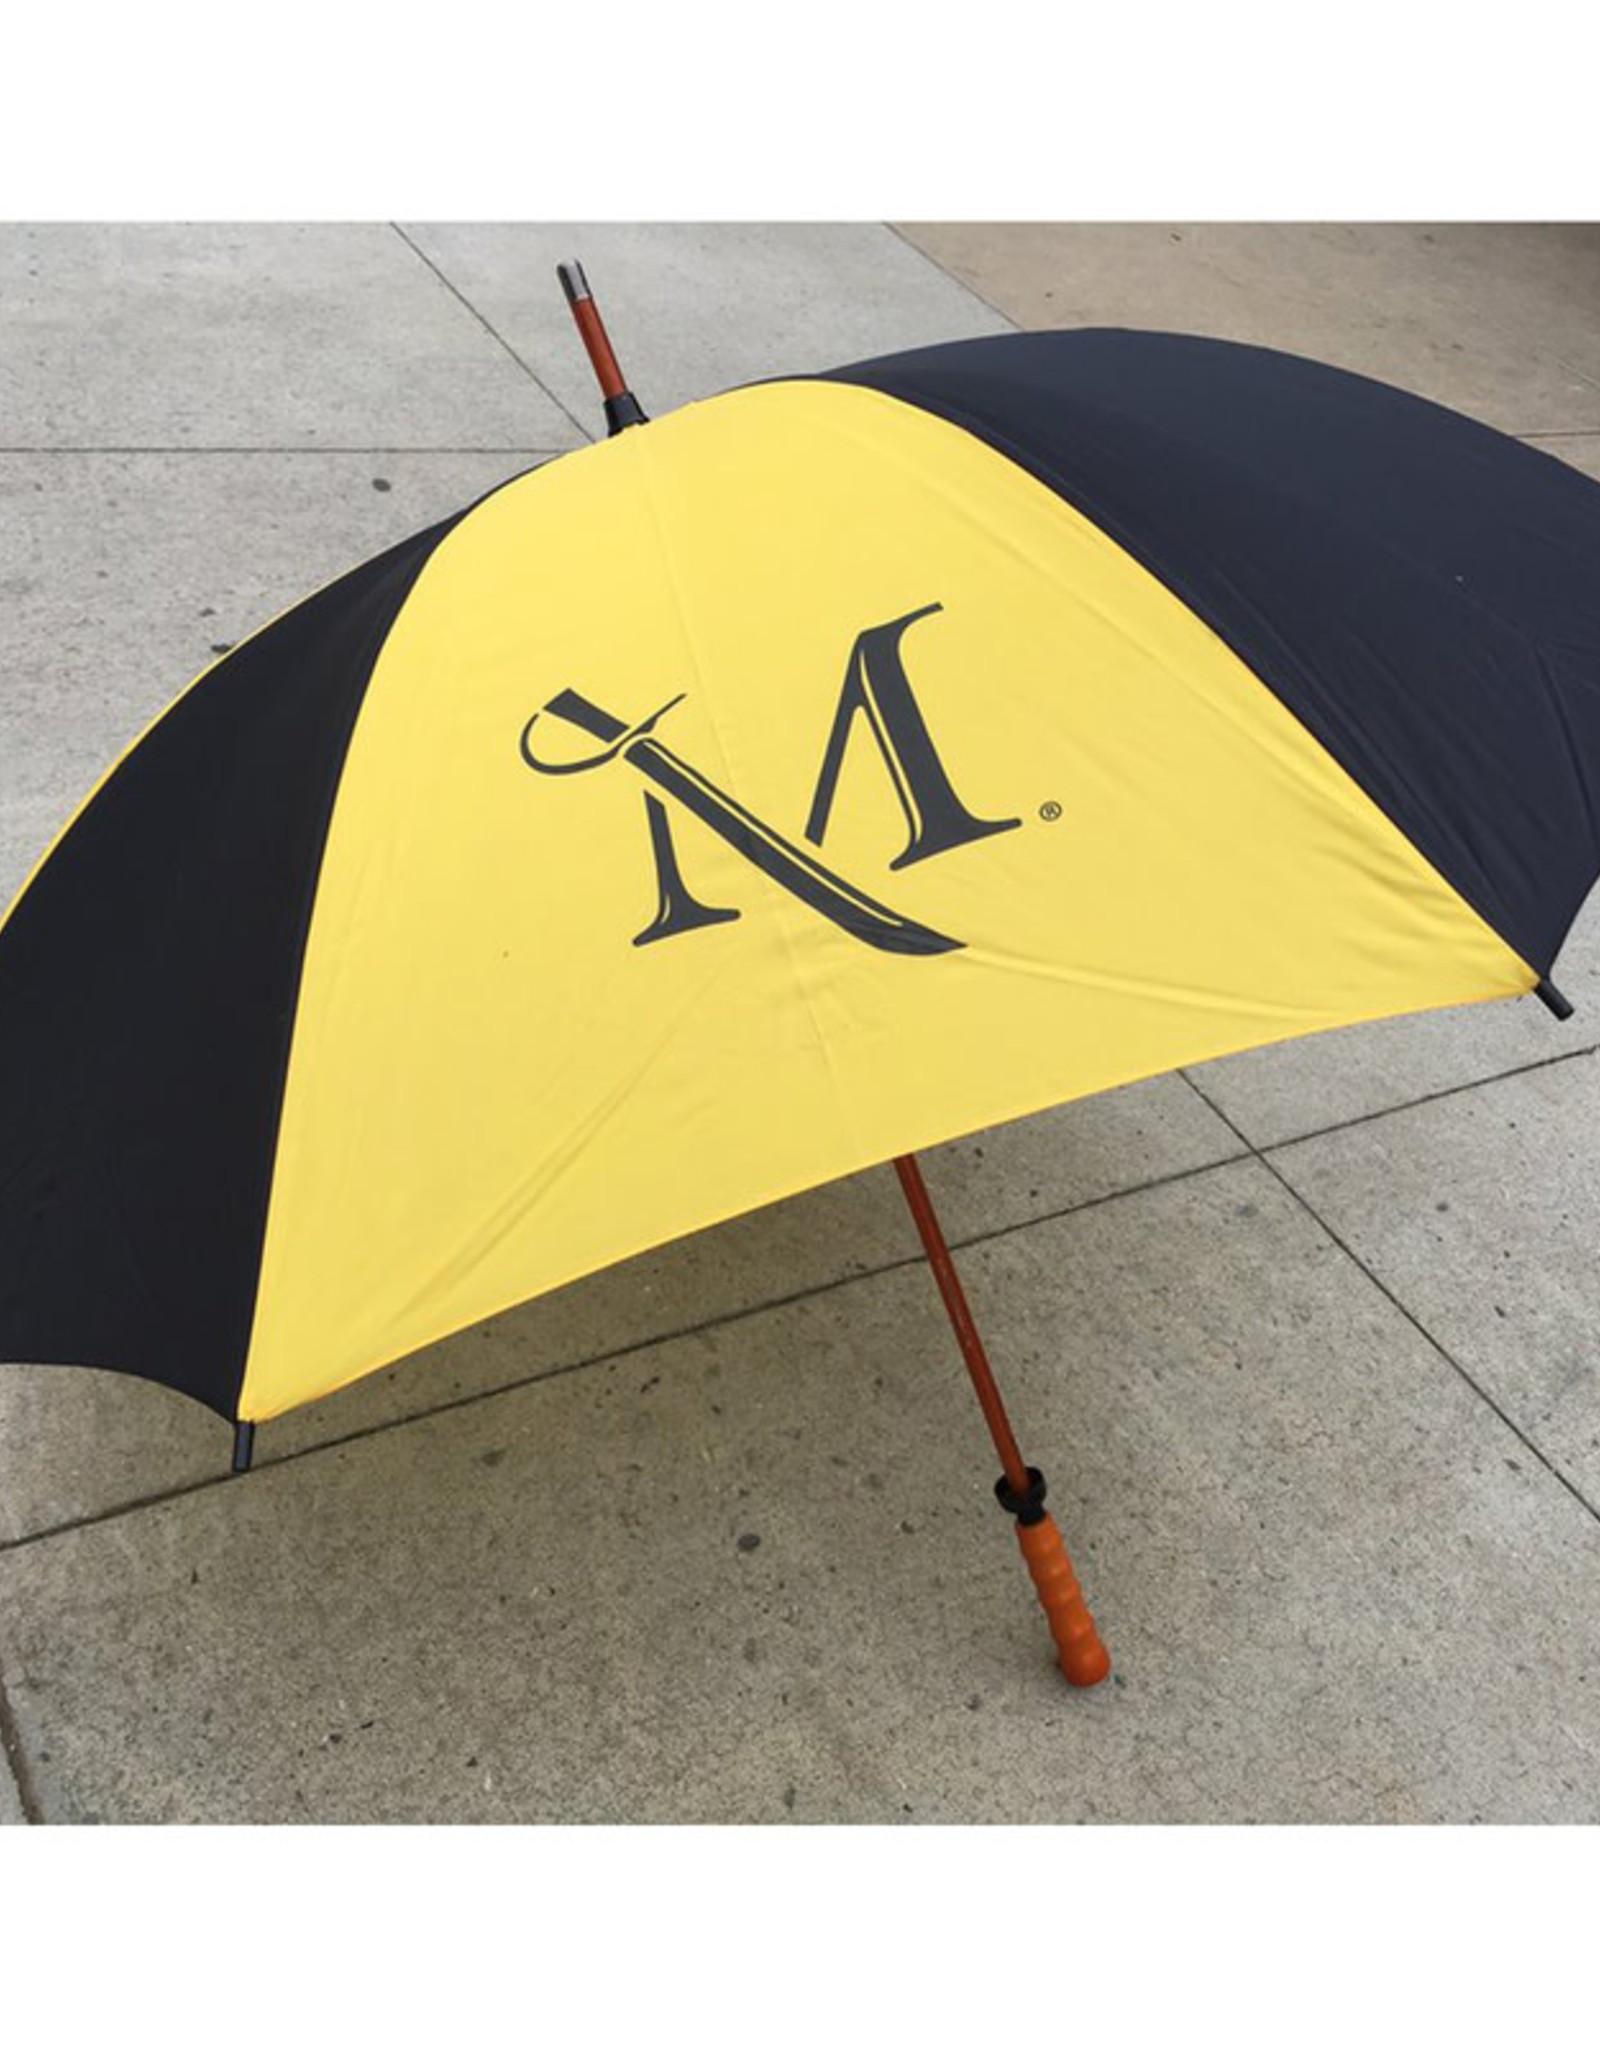 M Sword Sport Golf Umbrella